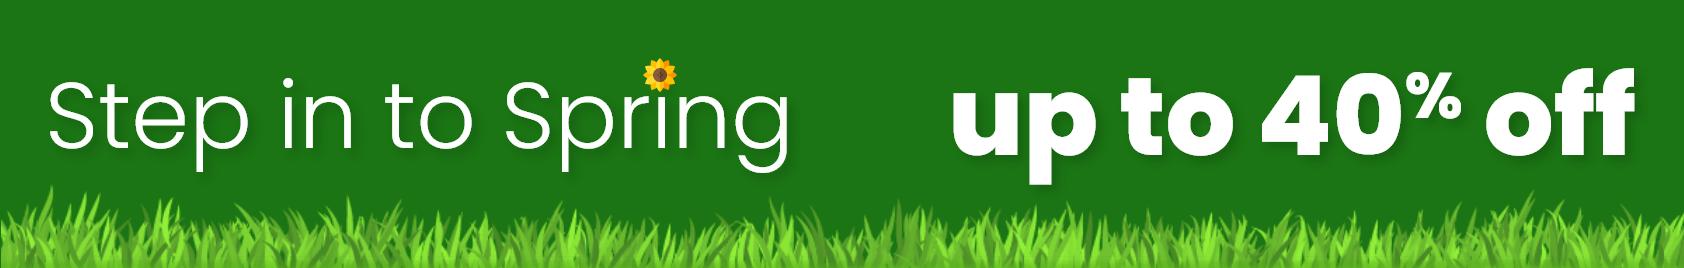 springbanner-desktopproduct-2x.png